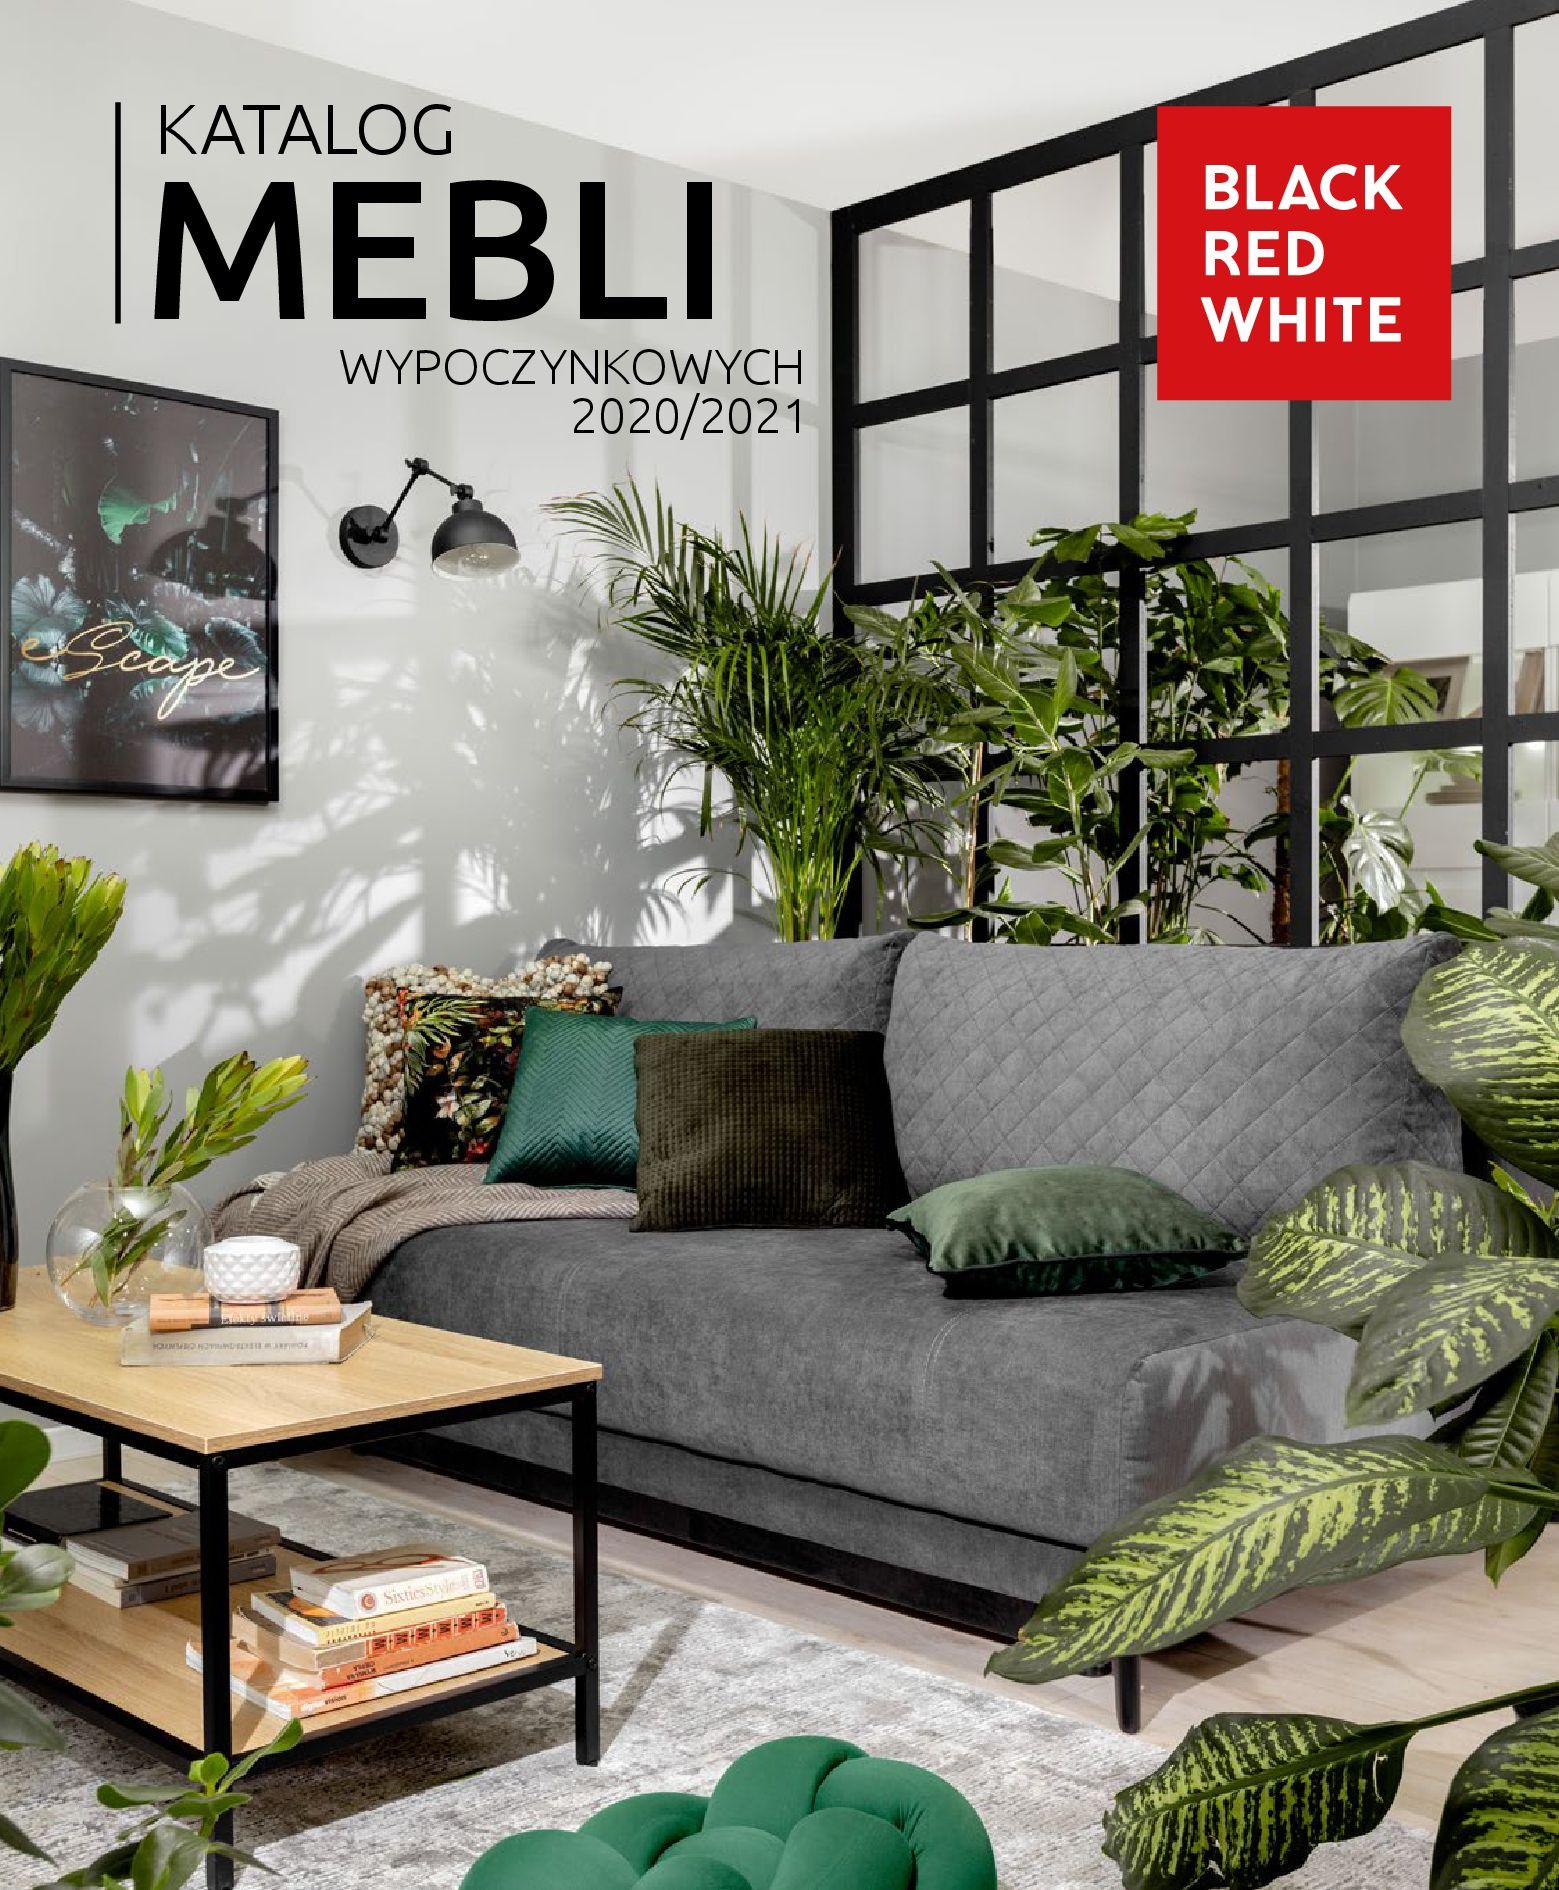 Black Red White:  Katalog mebli wypoczynkowych 2020/2021 12.01.2021